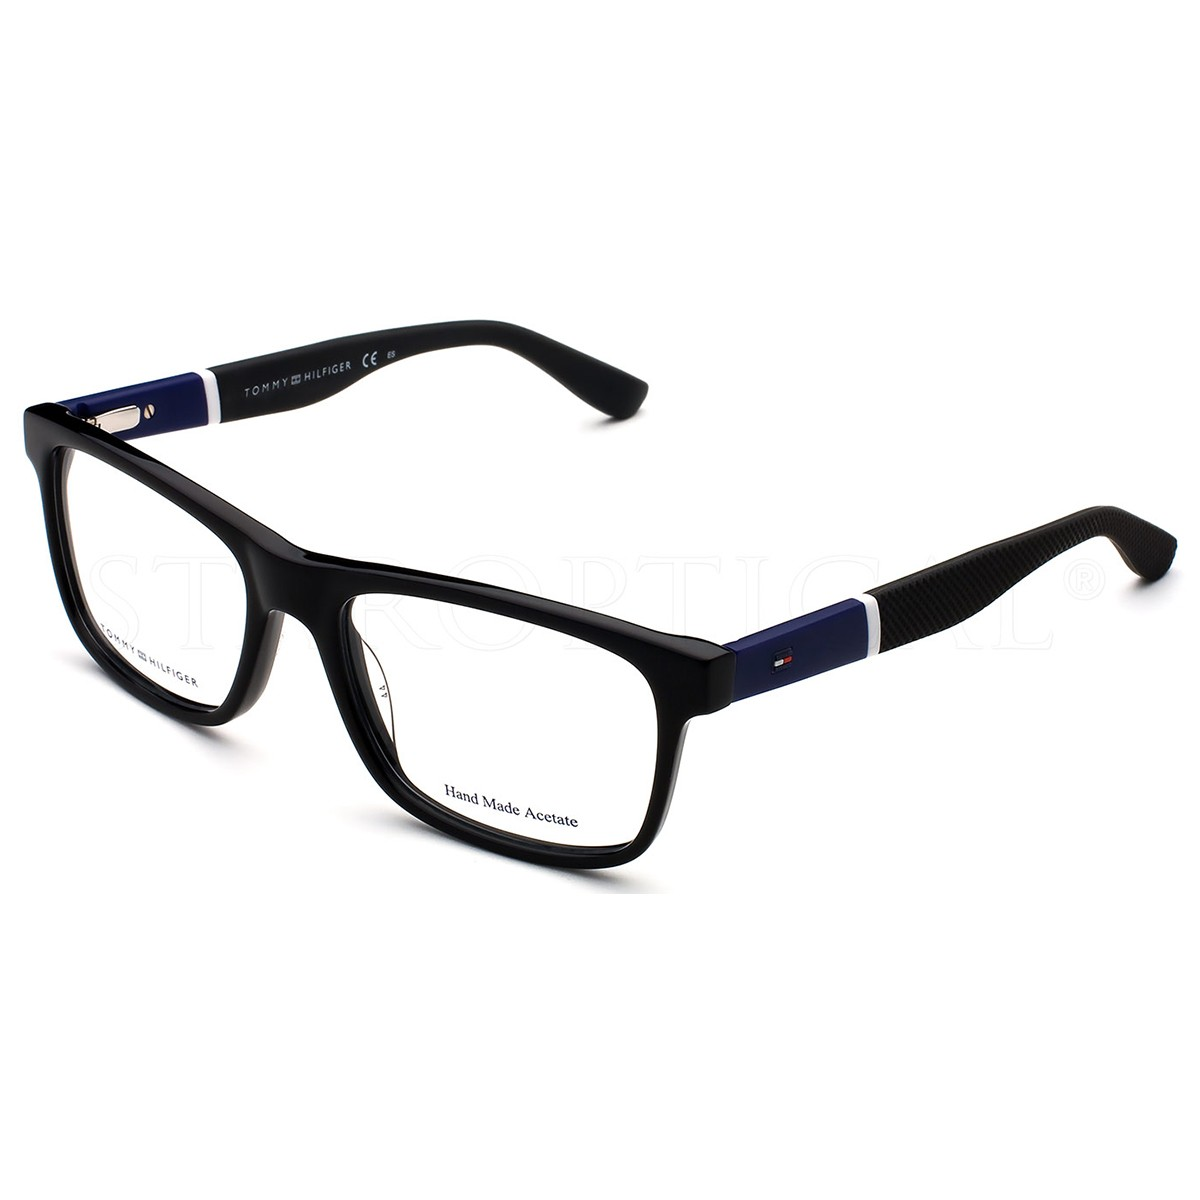 Compre Óculos de Grau Tommy Hilfiger em 10X   Tri-Jóia Shop ab81804266